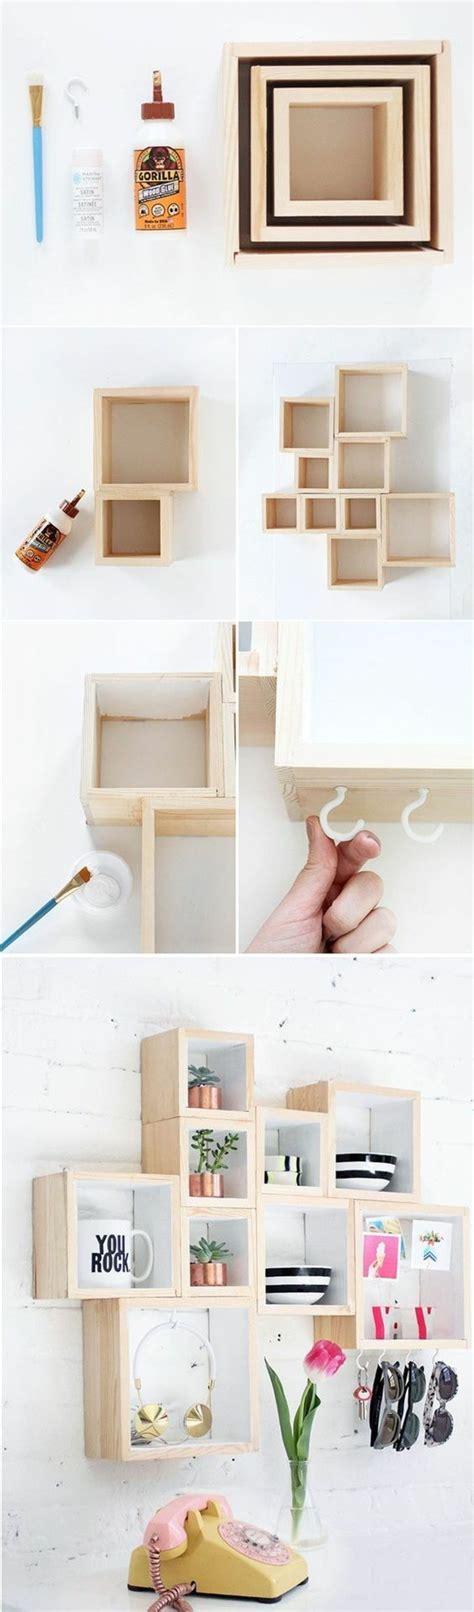 Dekorationsideen Zum Selber Machen 3544 by Wanddeko Selber Machen 68 Tolle Ideen F 252 R Ihr Zuhause